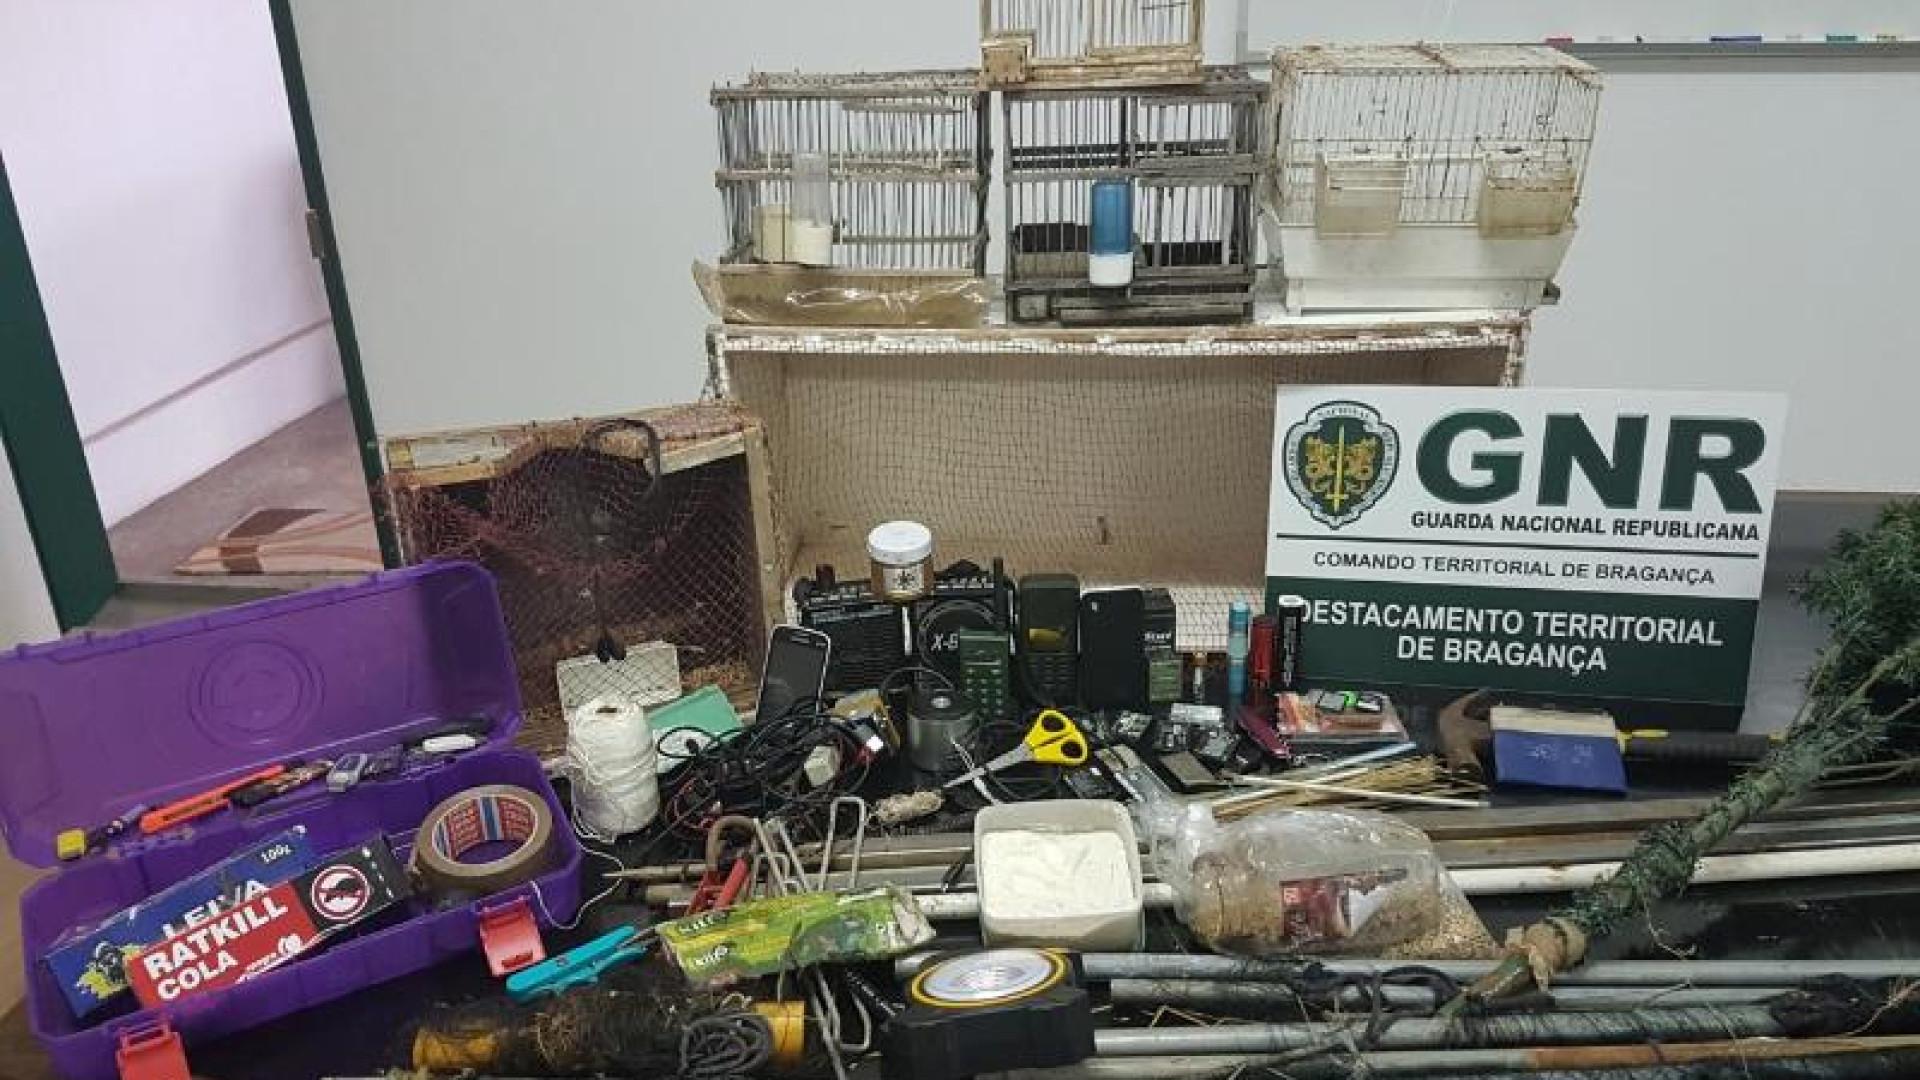 Apanhados pela GNR na posse de aves protegidas